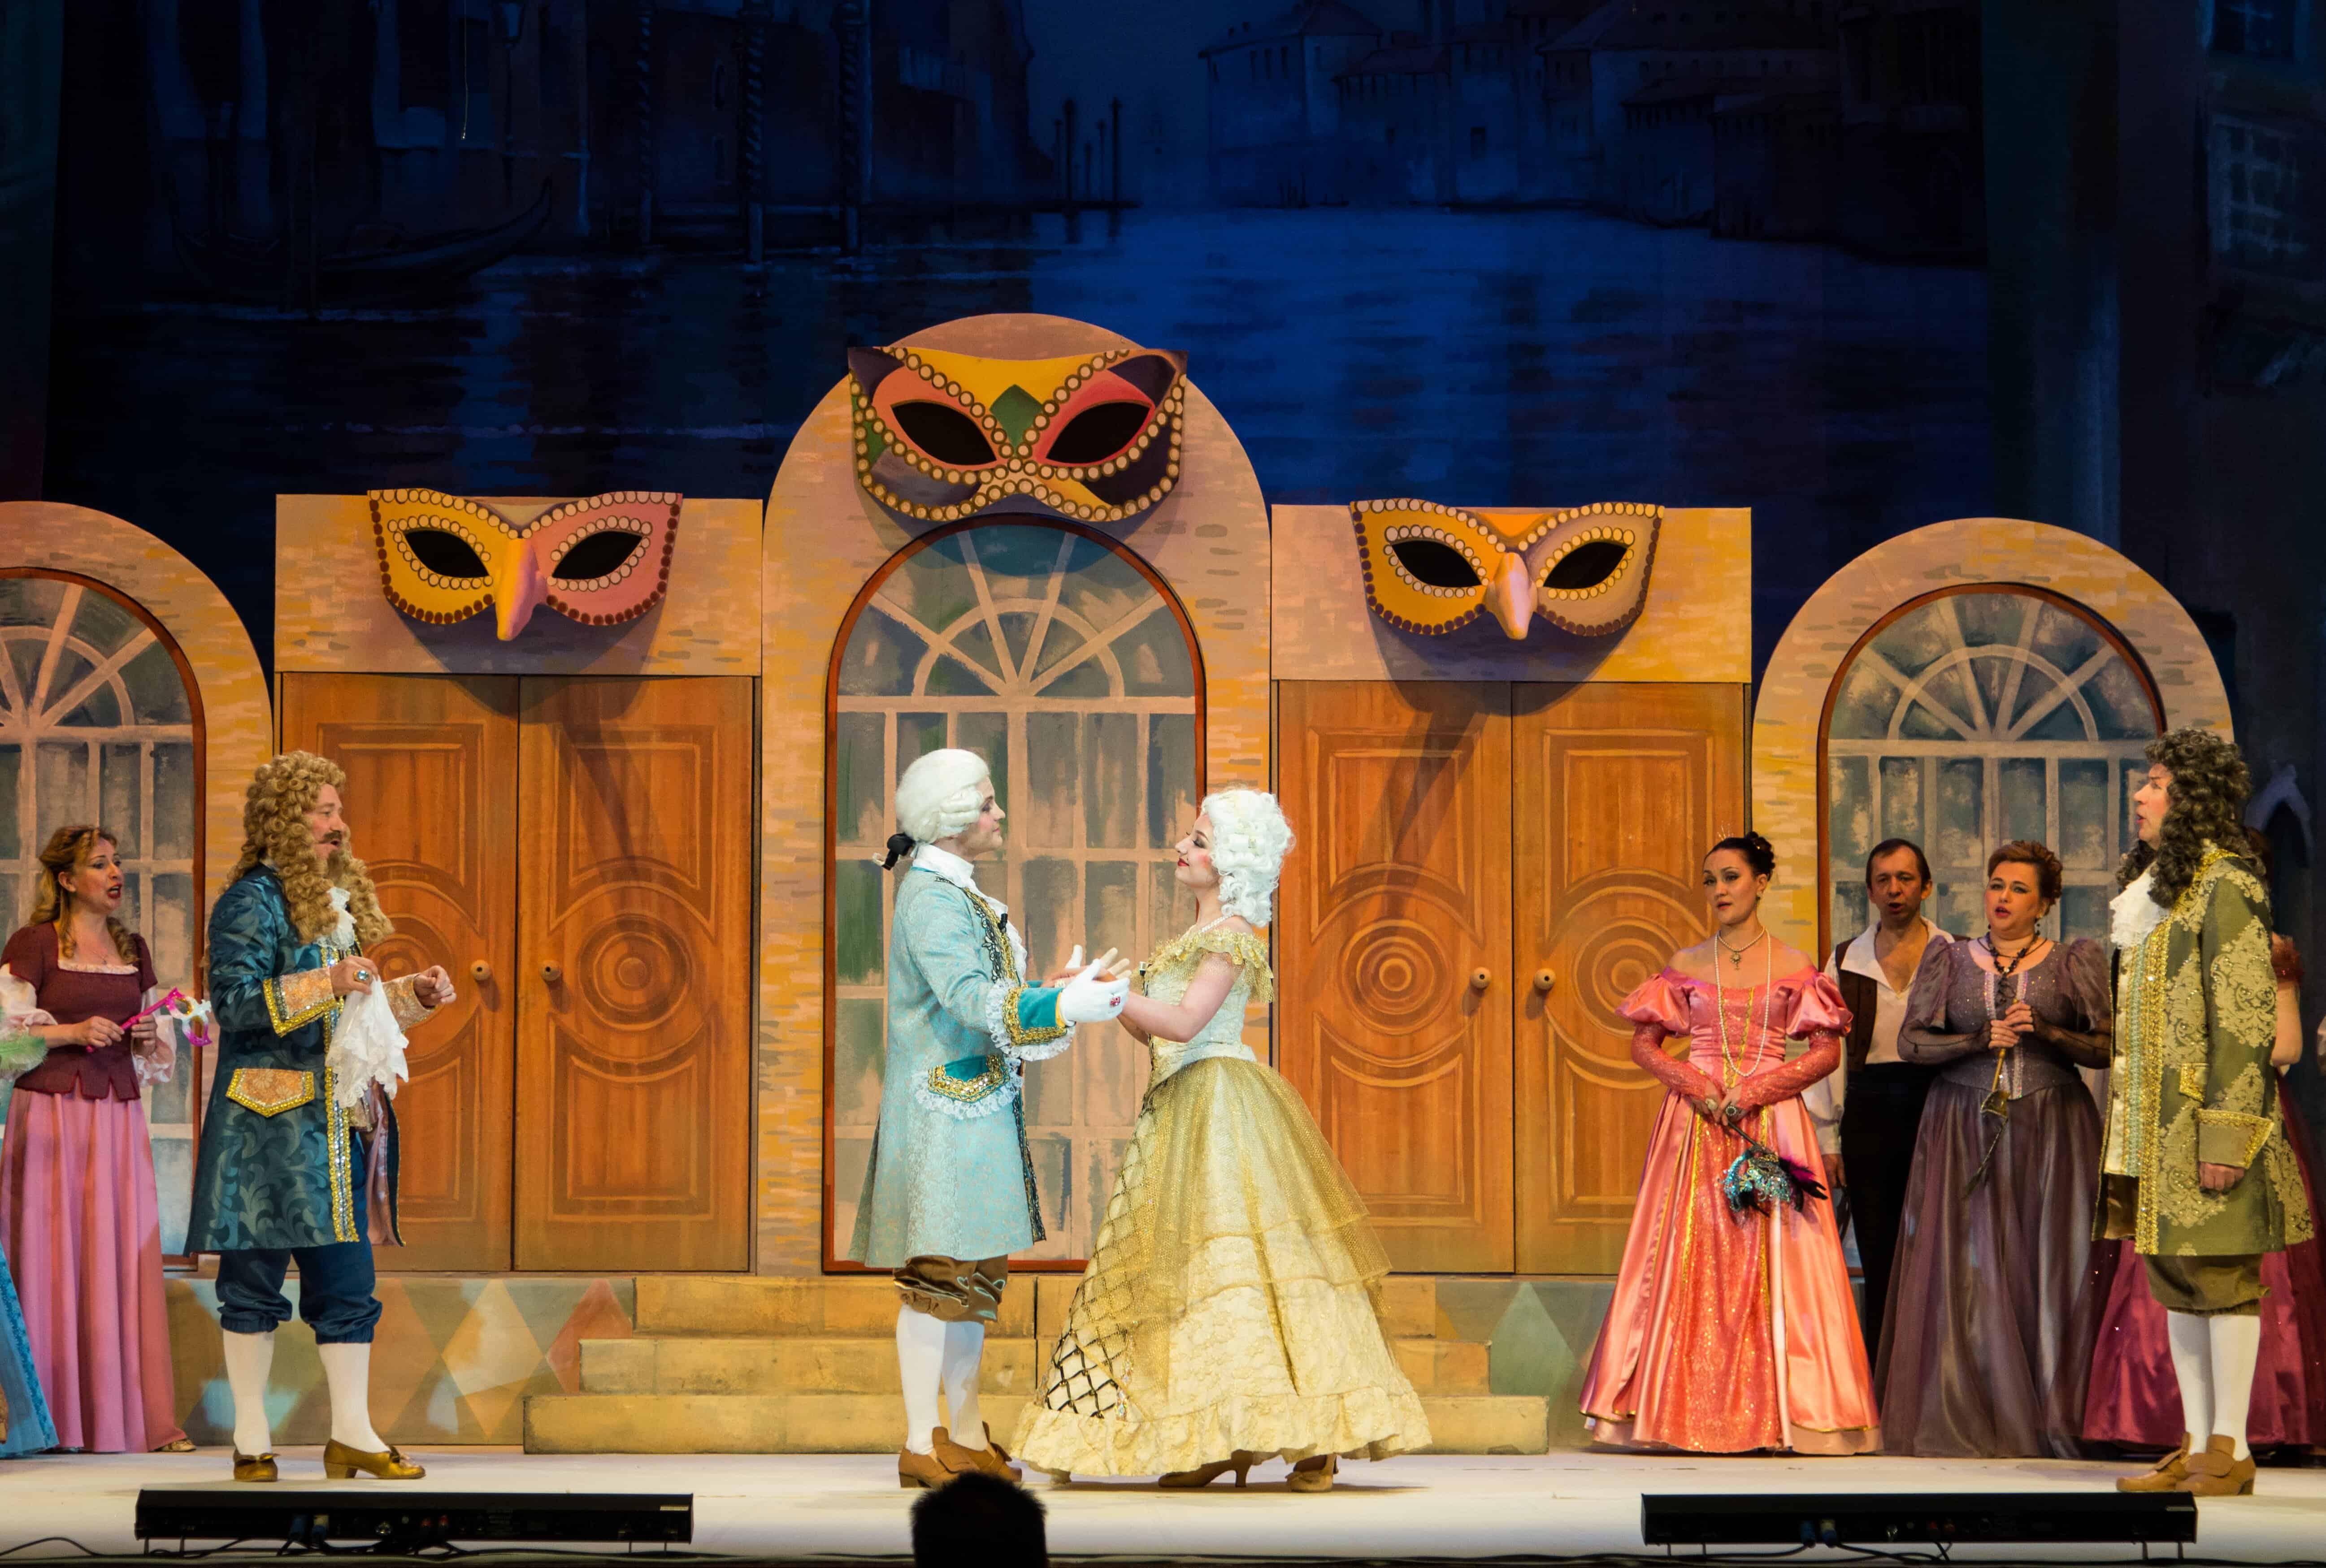 «Труффальдино из Бергамо»: в начале была Любовь «Труффальдино из Бергамо»: в начале была Любовь IMG 1520